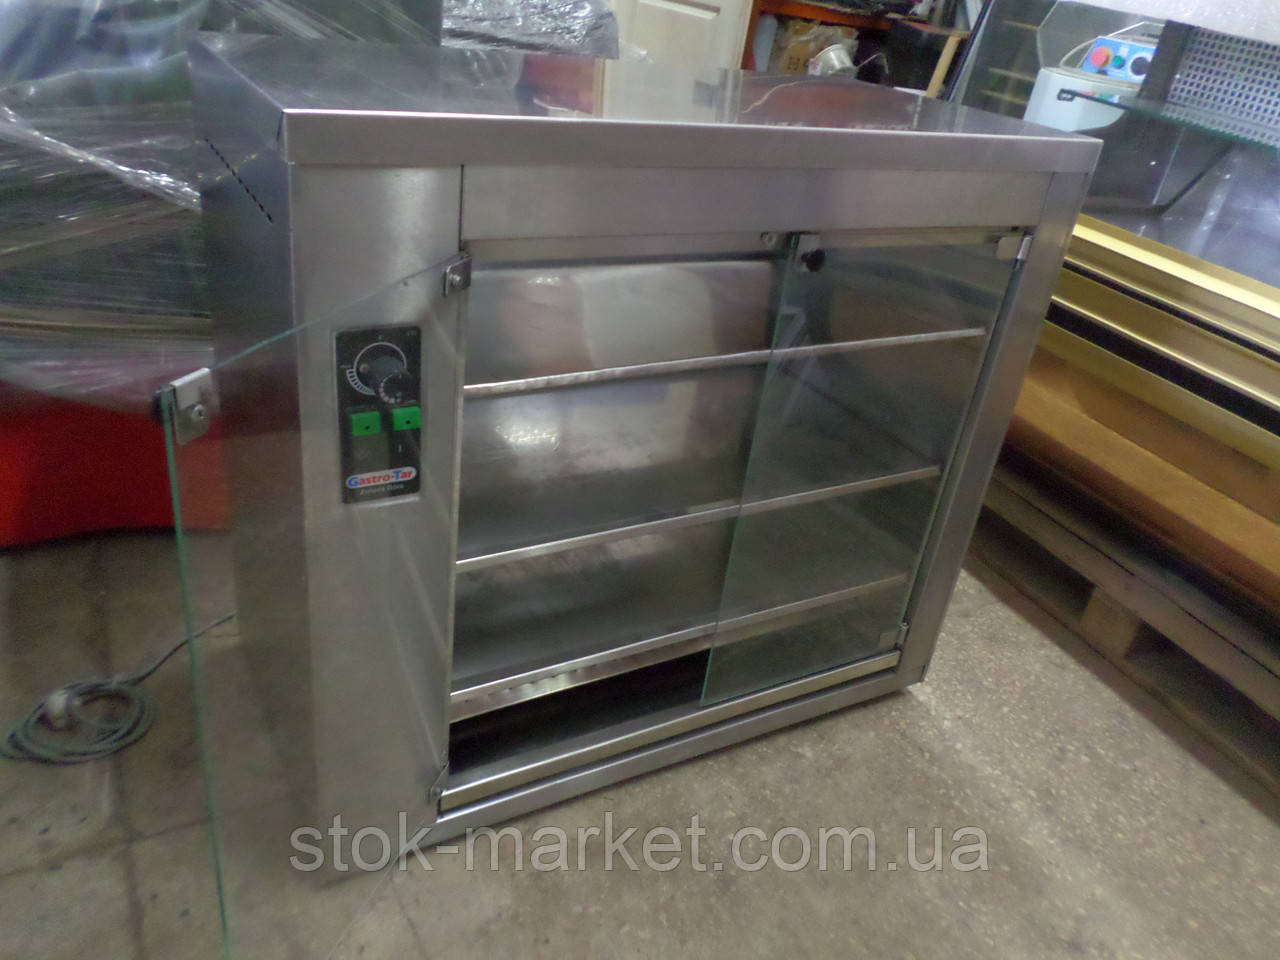 Тепловая витрина расстойка для роздачи в горячем состоянии мясных и других продуктов питания GASTRO-TAR SO-12